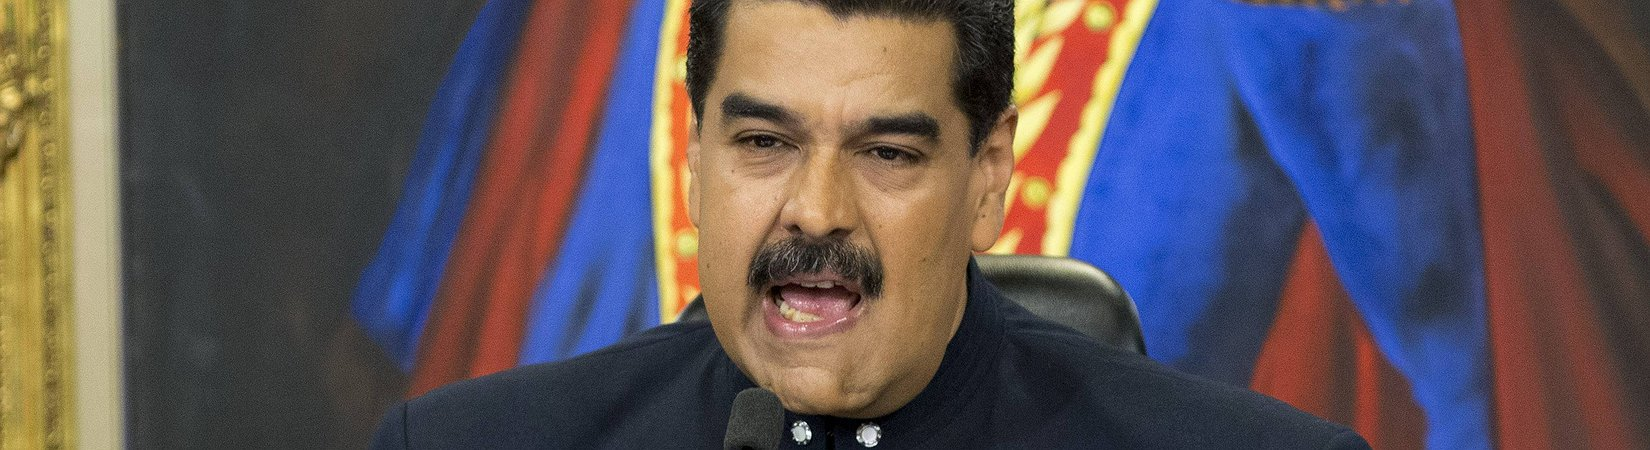 Venezuela lanza una criptomoneda estatal